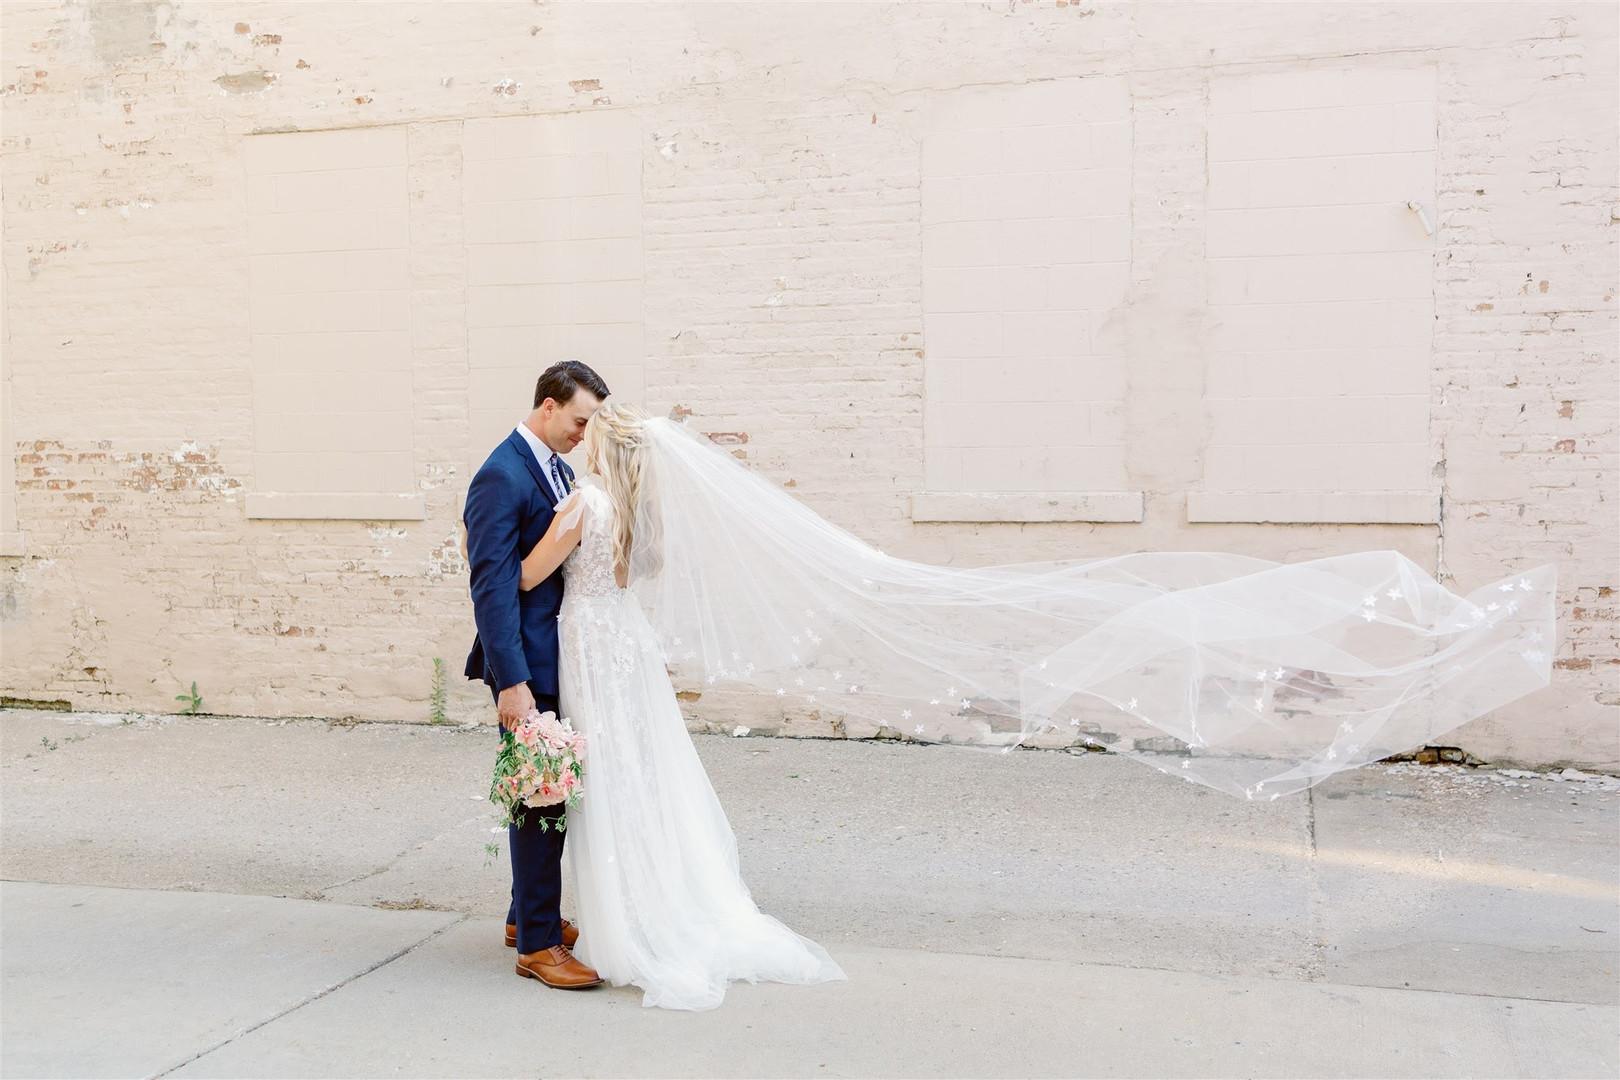 Wisconsin bride and groom